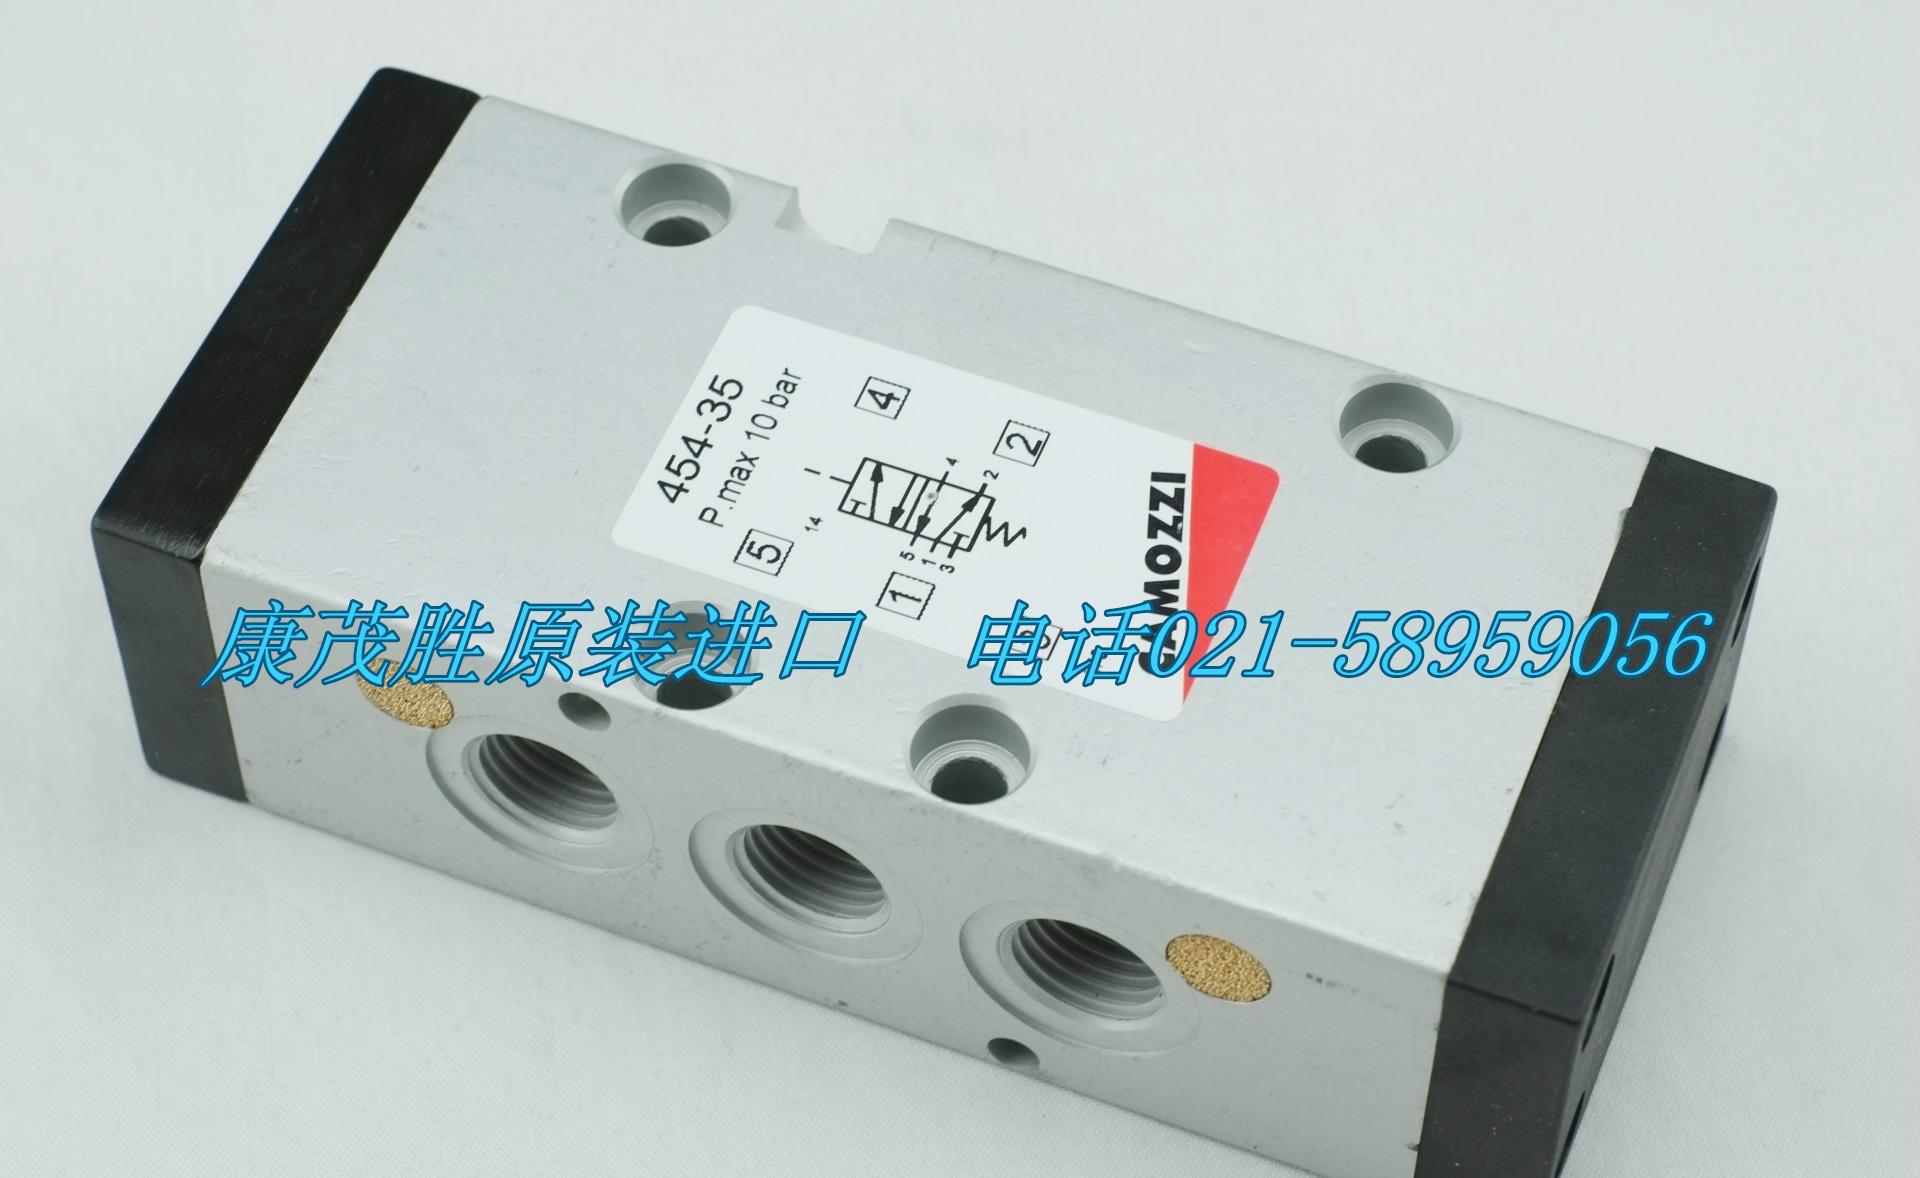 翌忱通 供应全系康茂胜气缸电磁阀 32M2A020A125